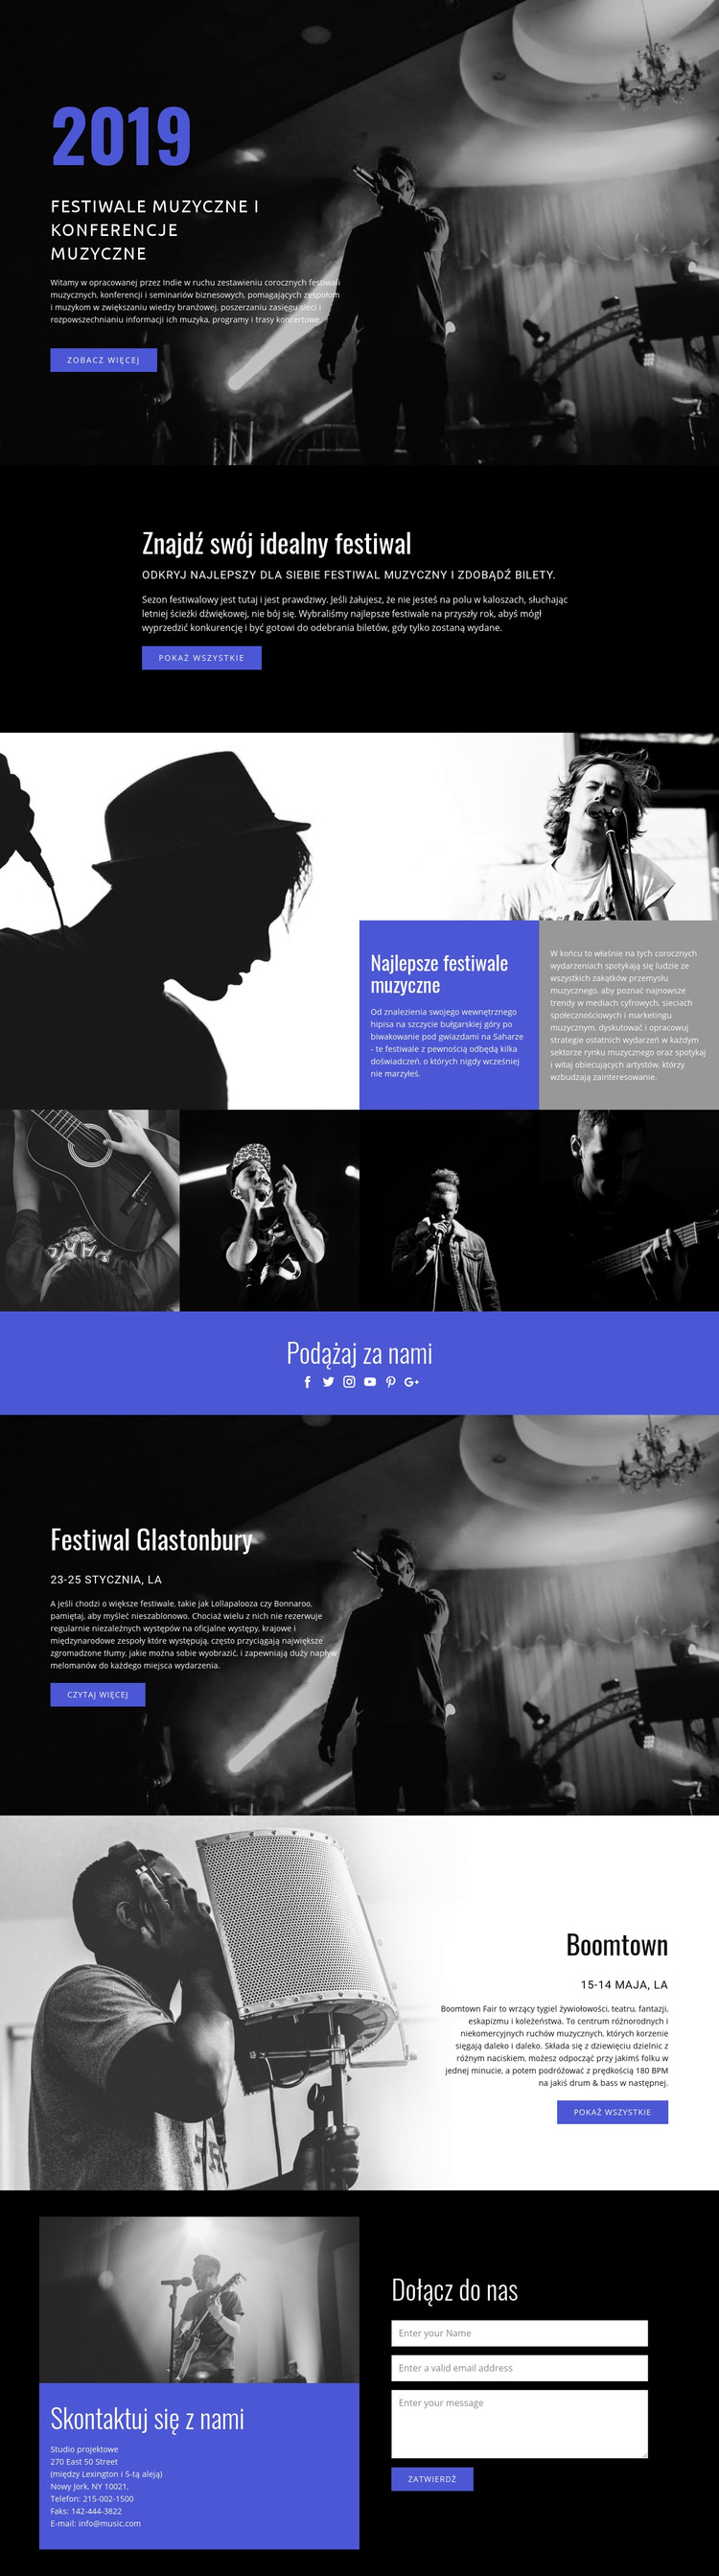 Festiwale muzyczne Szablon witryny sieci Web